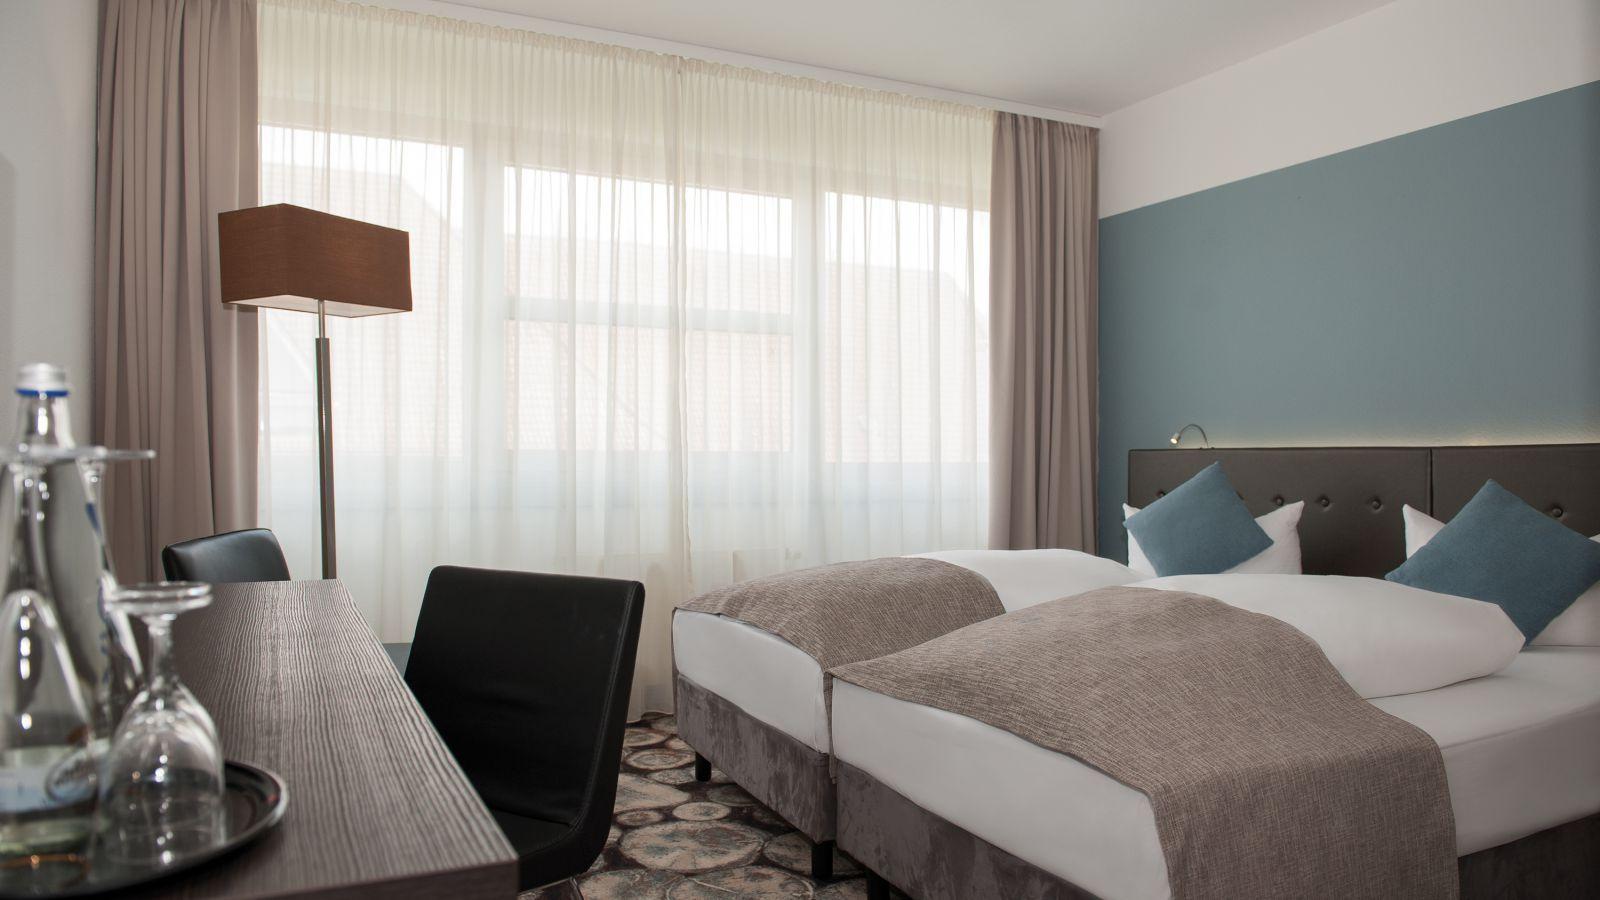 Berlin Tegel Gunstig Ubernachten 3 Sterne Superior Hotel Doppelzimmer Komfort Doppelzimmer Unsere Komfort Doppelz Doppelzimmer Gunstig Ubernachten Und Modernes Design